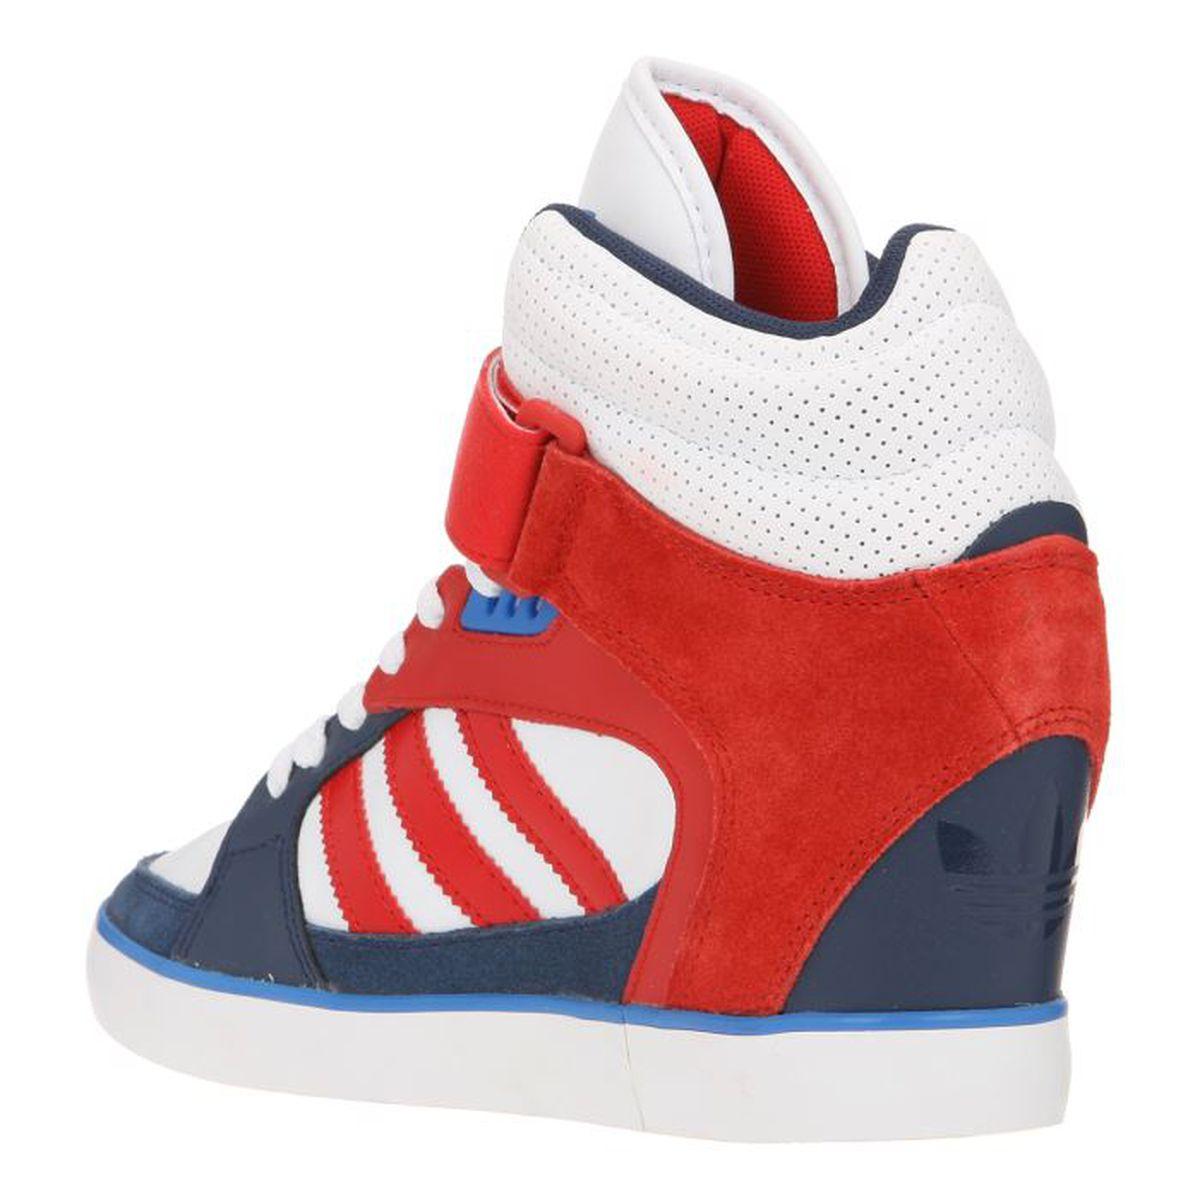 ADIDAS Baskets Cuir Femme Amberlight HEEL W 8n0wvONym